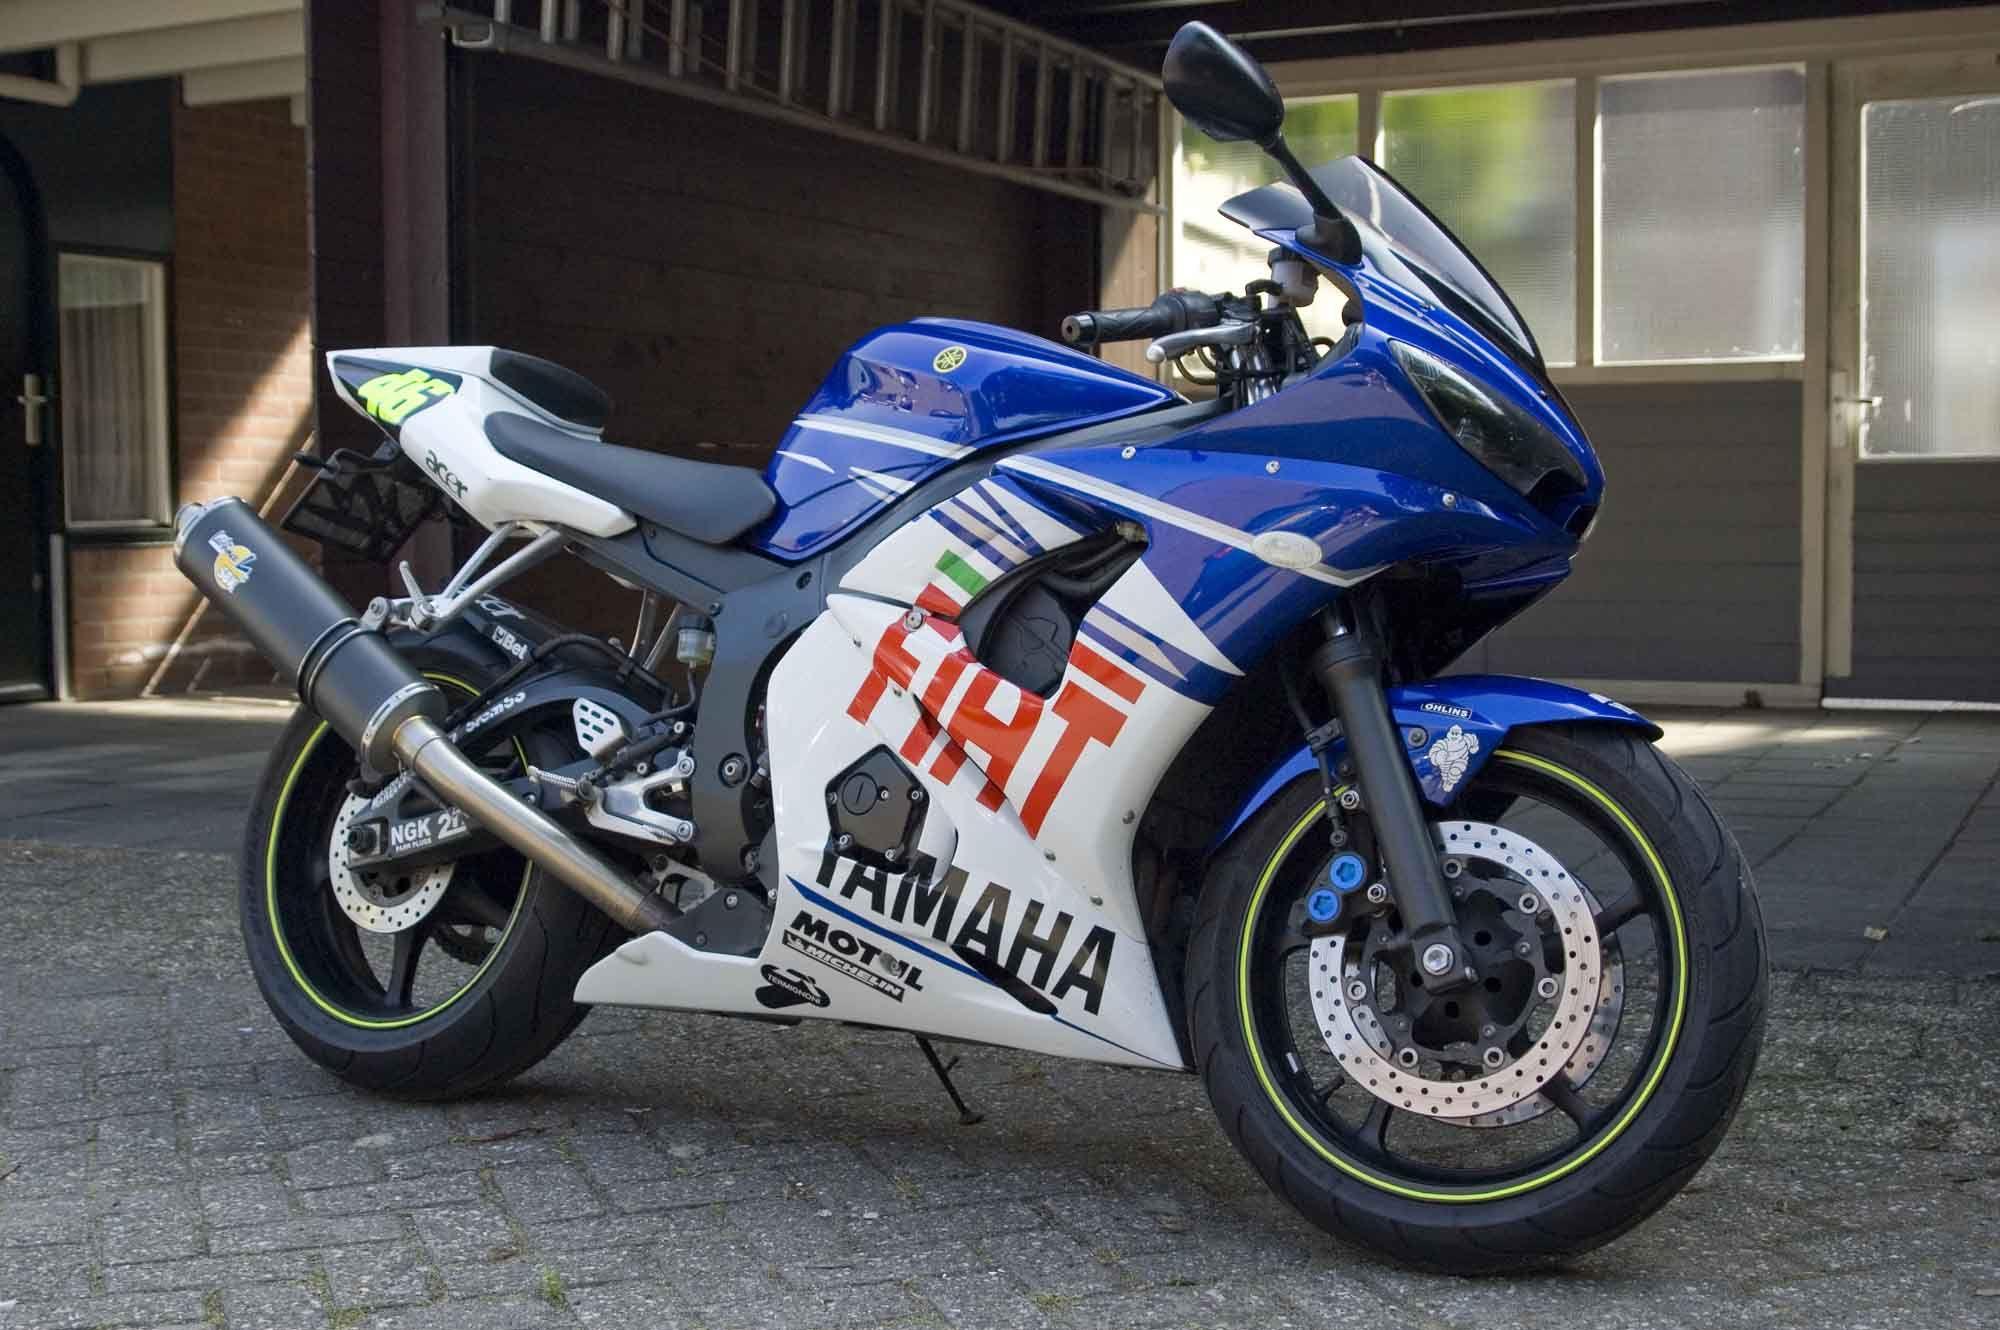 Yamaha R6 2003 Fiat - 20150116 #yamaha #r6 #fiat #motorrad | Yamaha